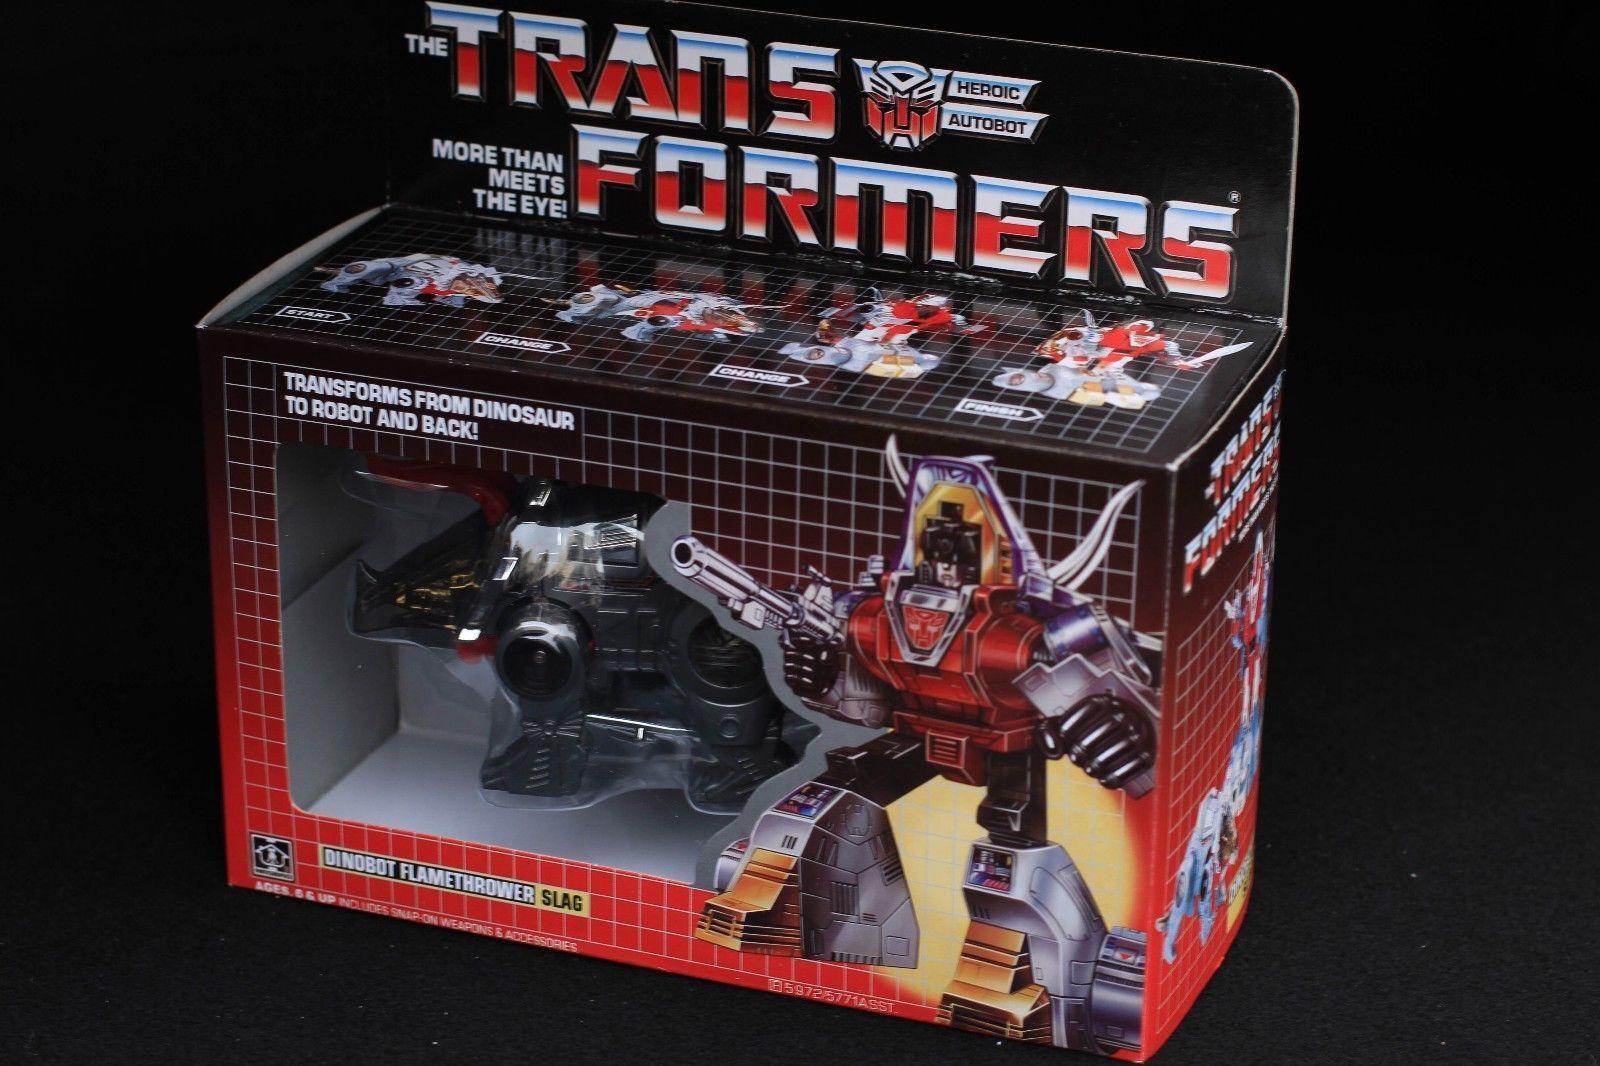 Transformatoren tf g1 neuauflage dinobot flammenwerfer schlacke action - figuren